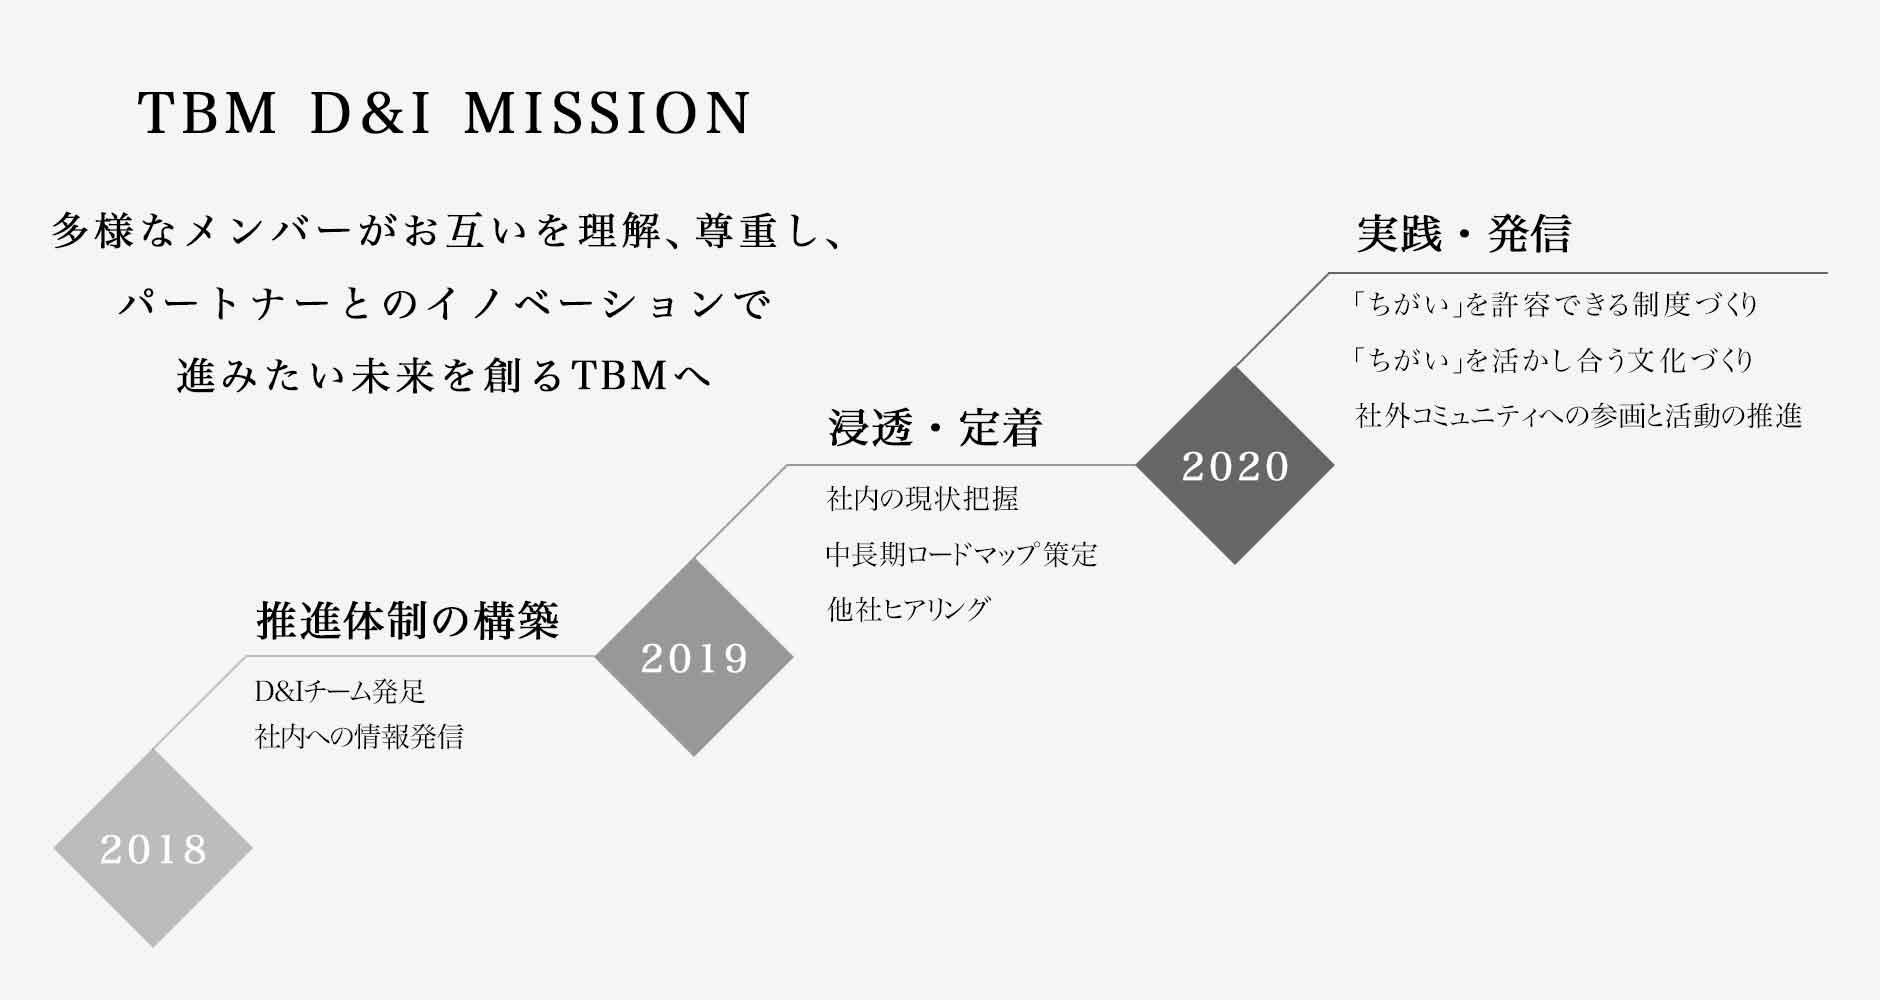 TBM D&I 2018年からのロードマップ